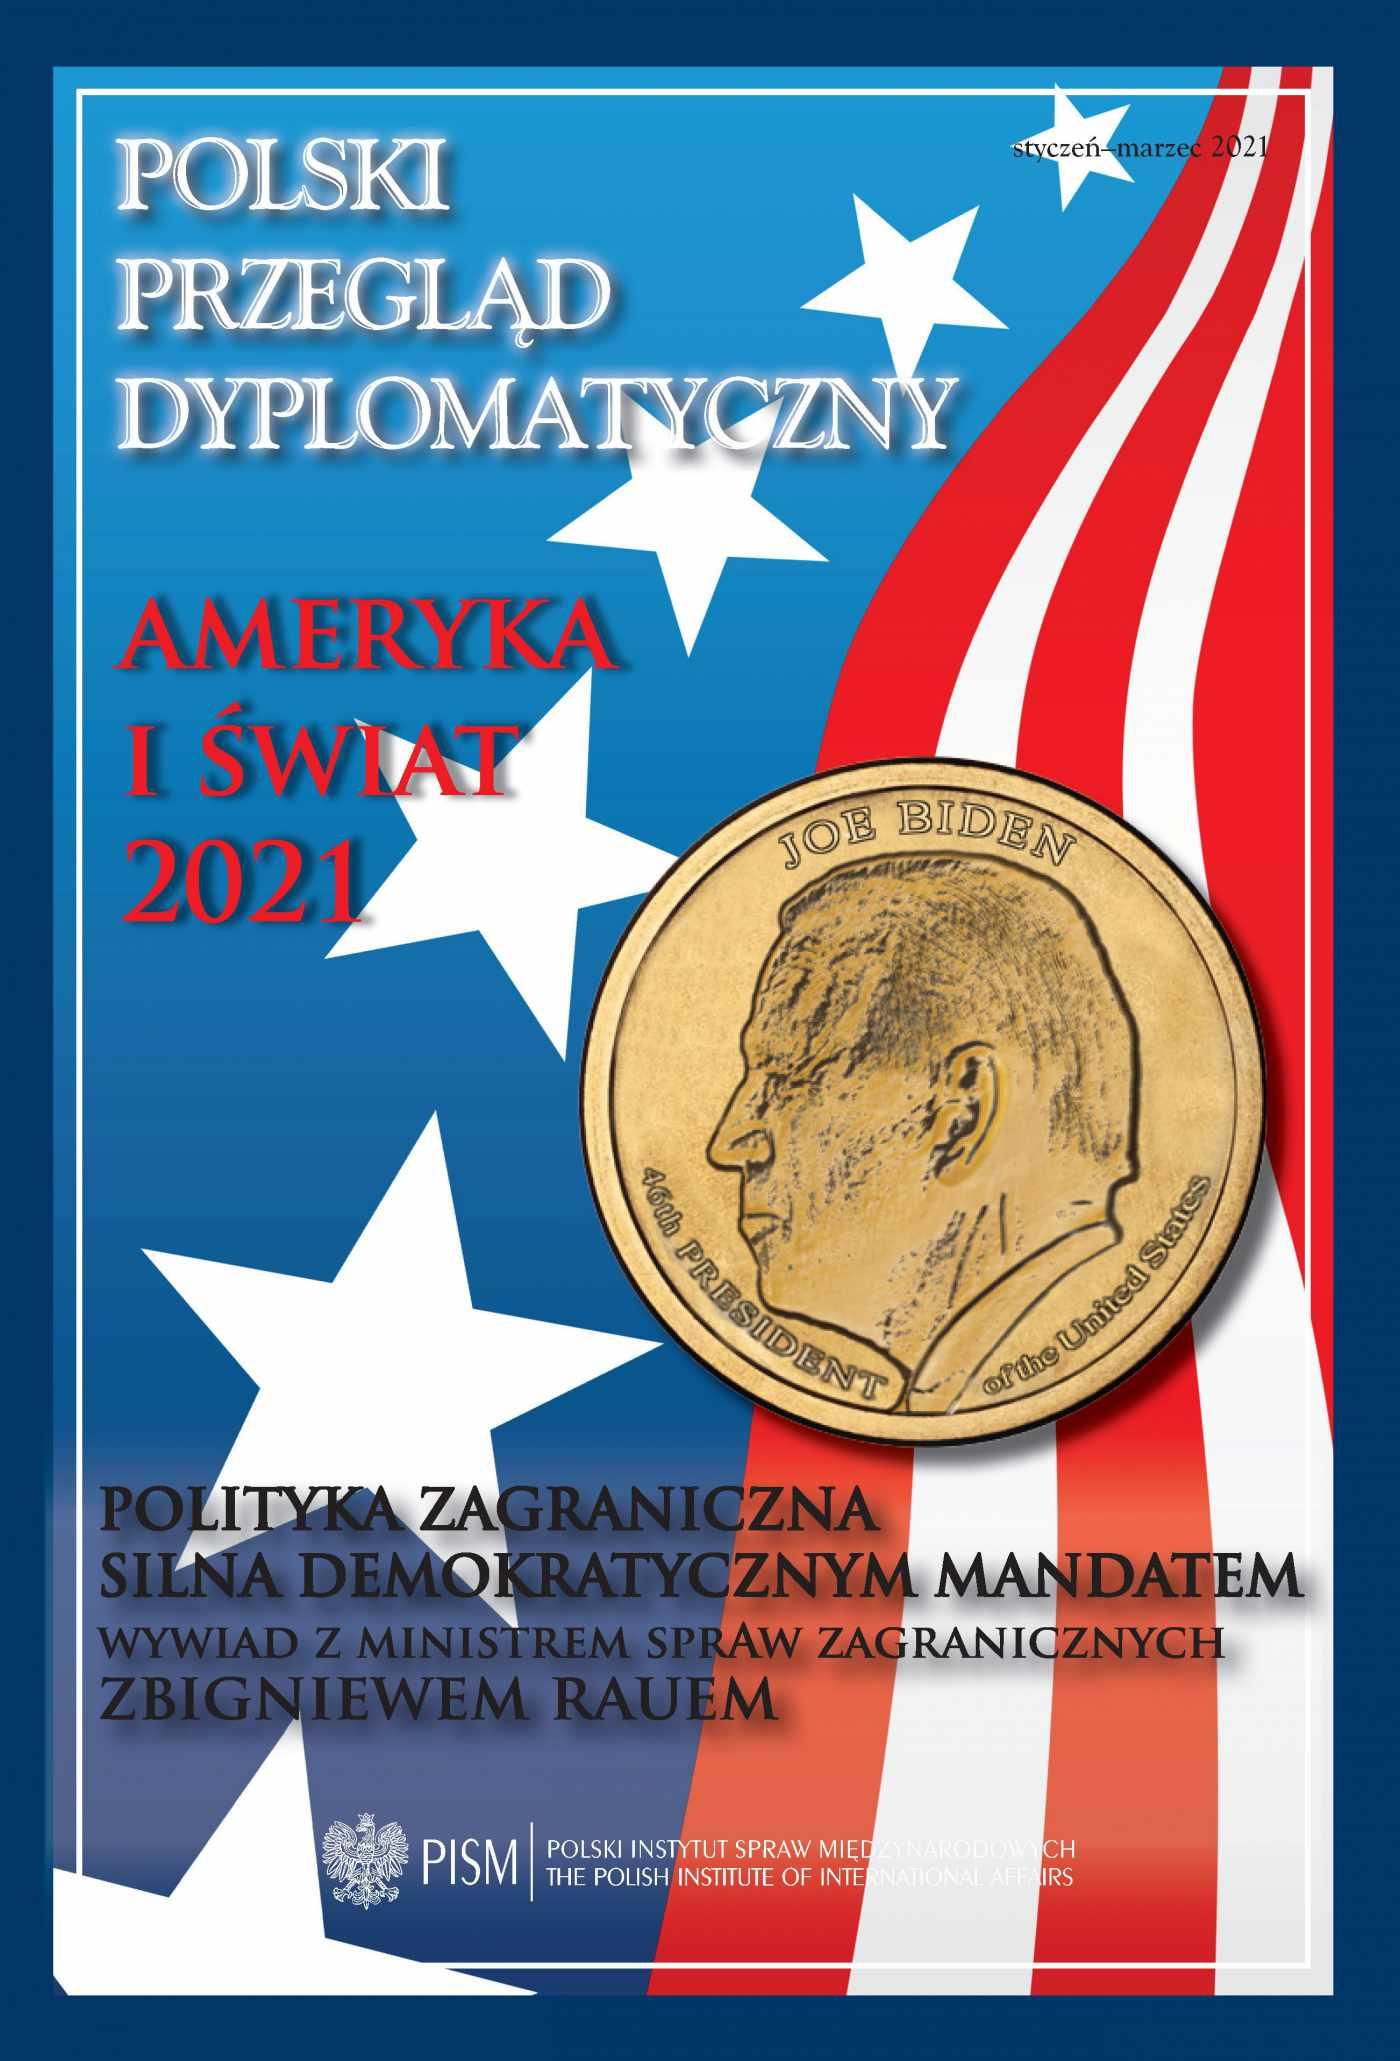 Polski Przegląd Dyplomatyczny, nr 1 / 2021 - Ebook (Książka PDF) do pobrania w formacie PDF